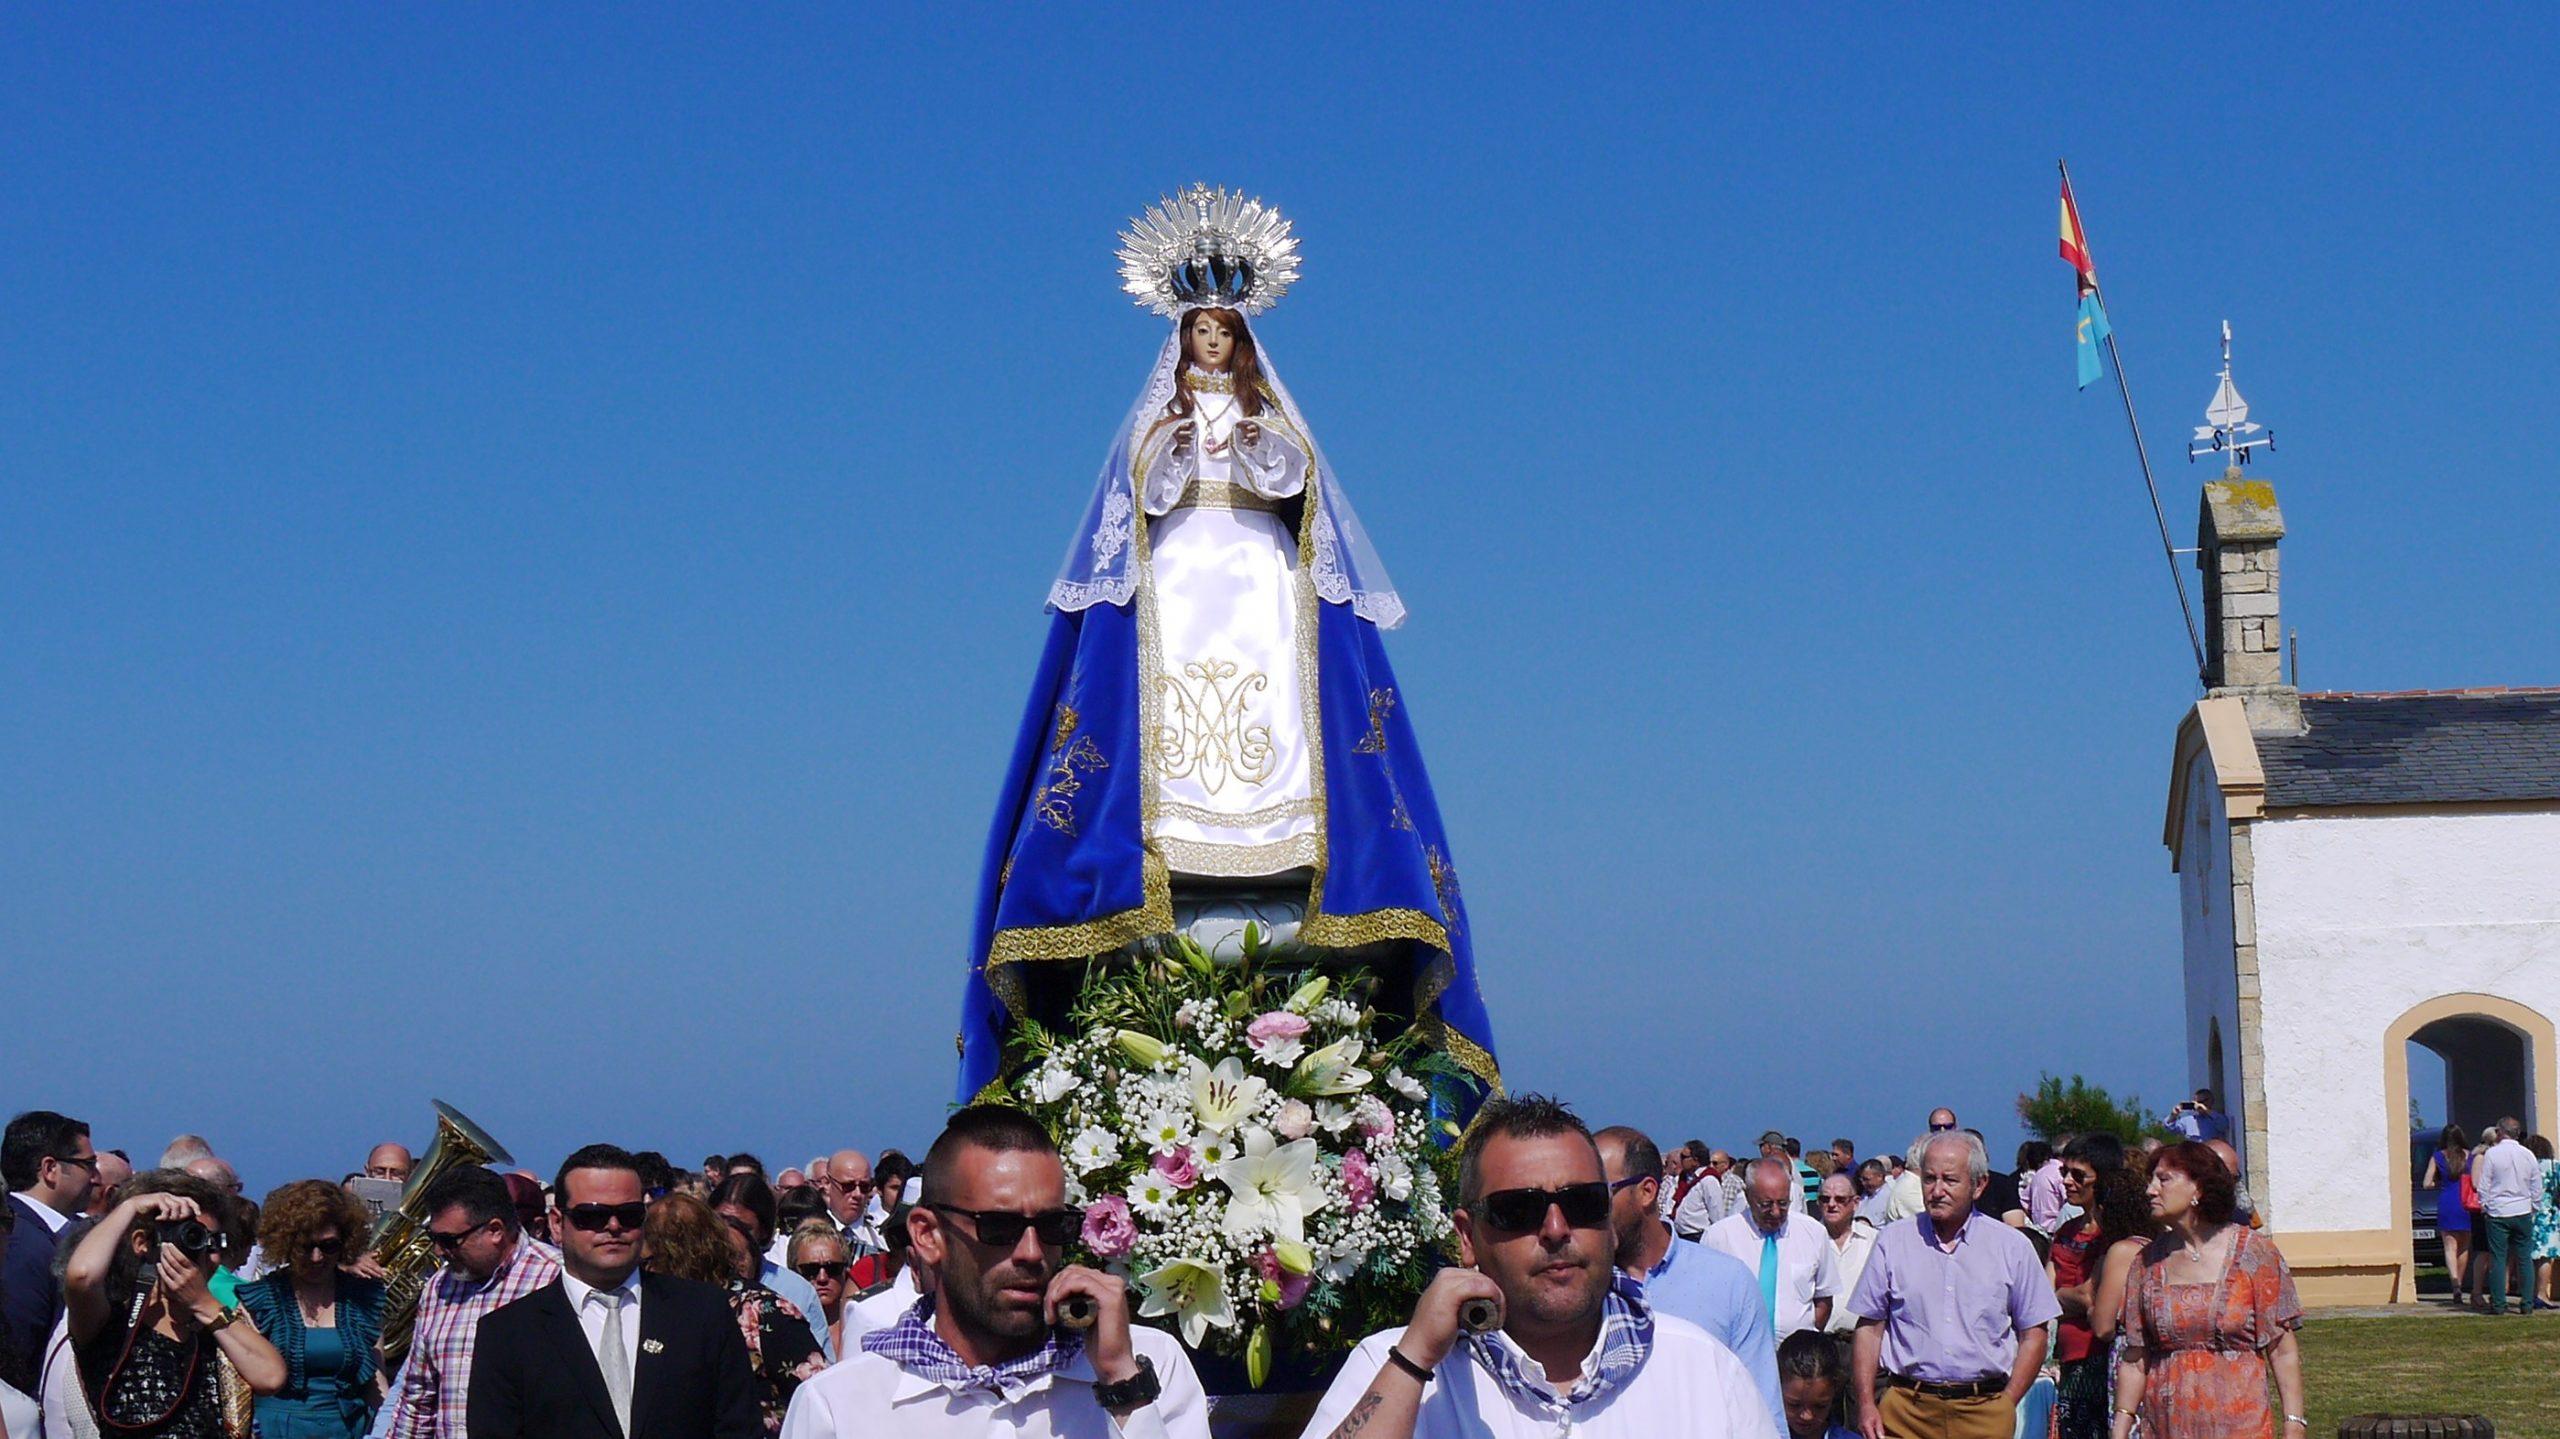 La leyenda de la Virgen de la Atalaya data del siglo XV